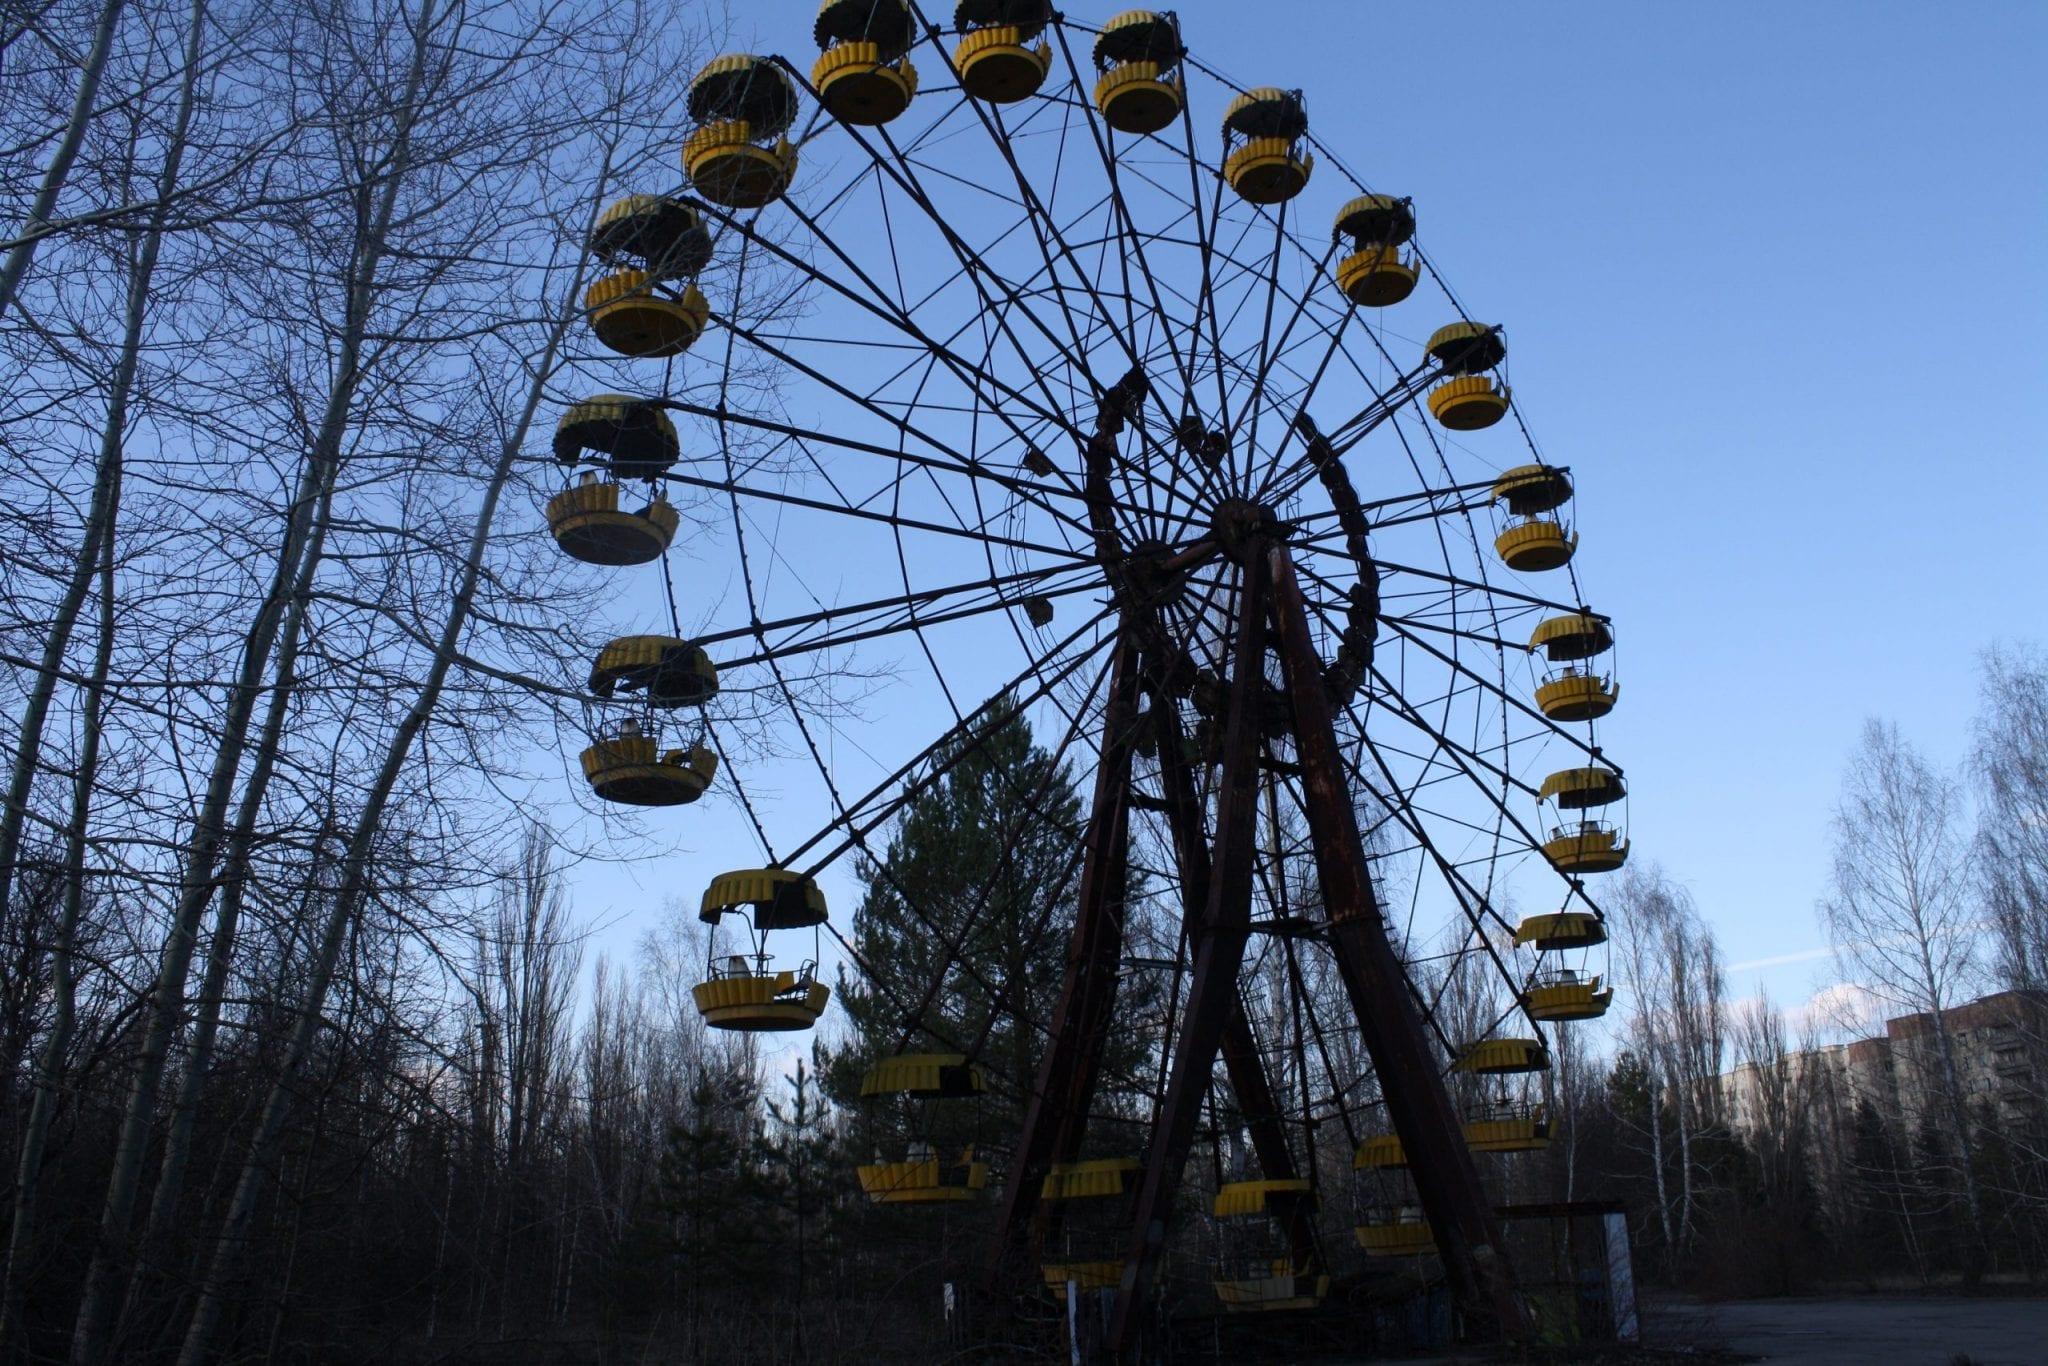 Chernobyl, Ultimo appuntamento (La7)